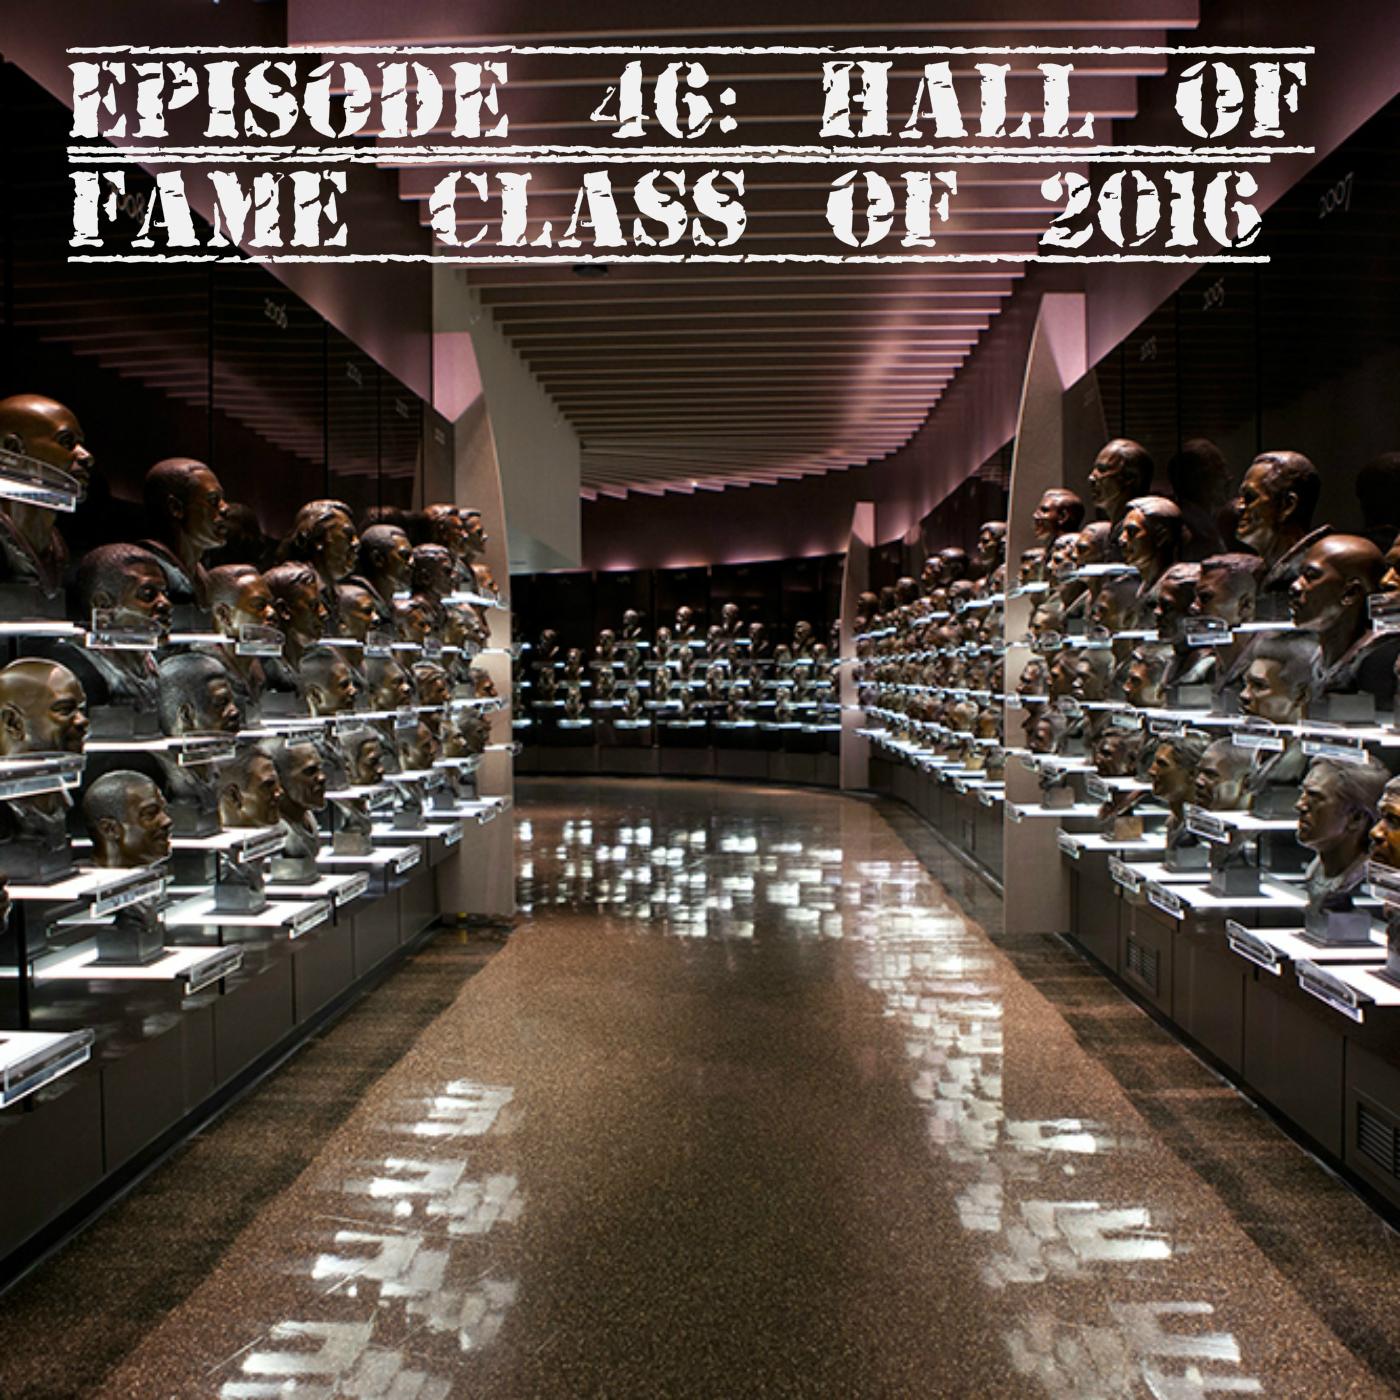 Ep 46 Hall of Fame.jpg